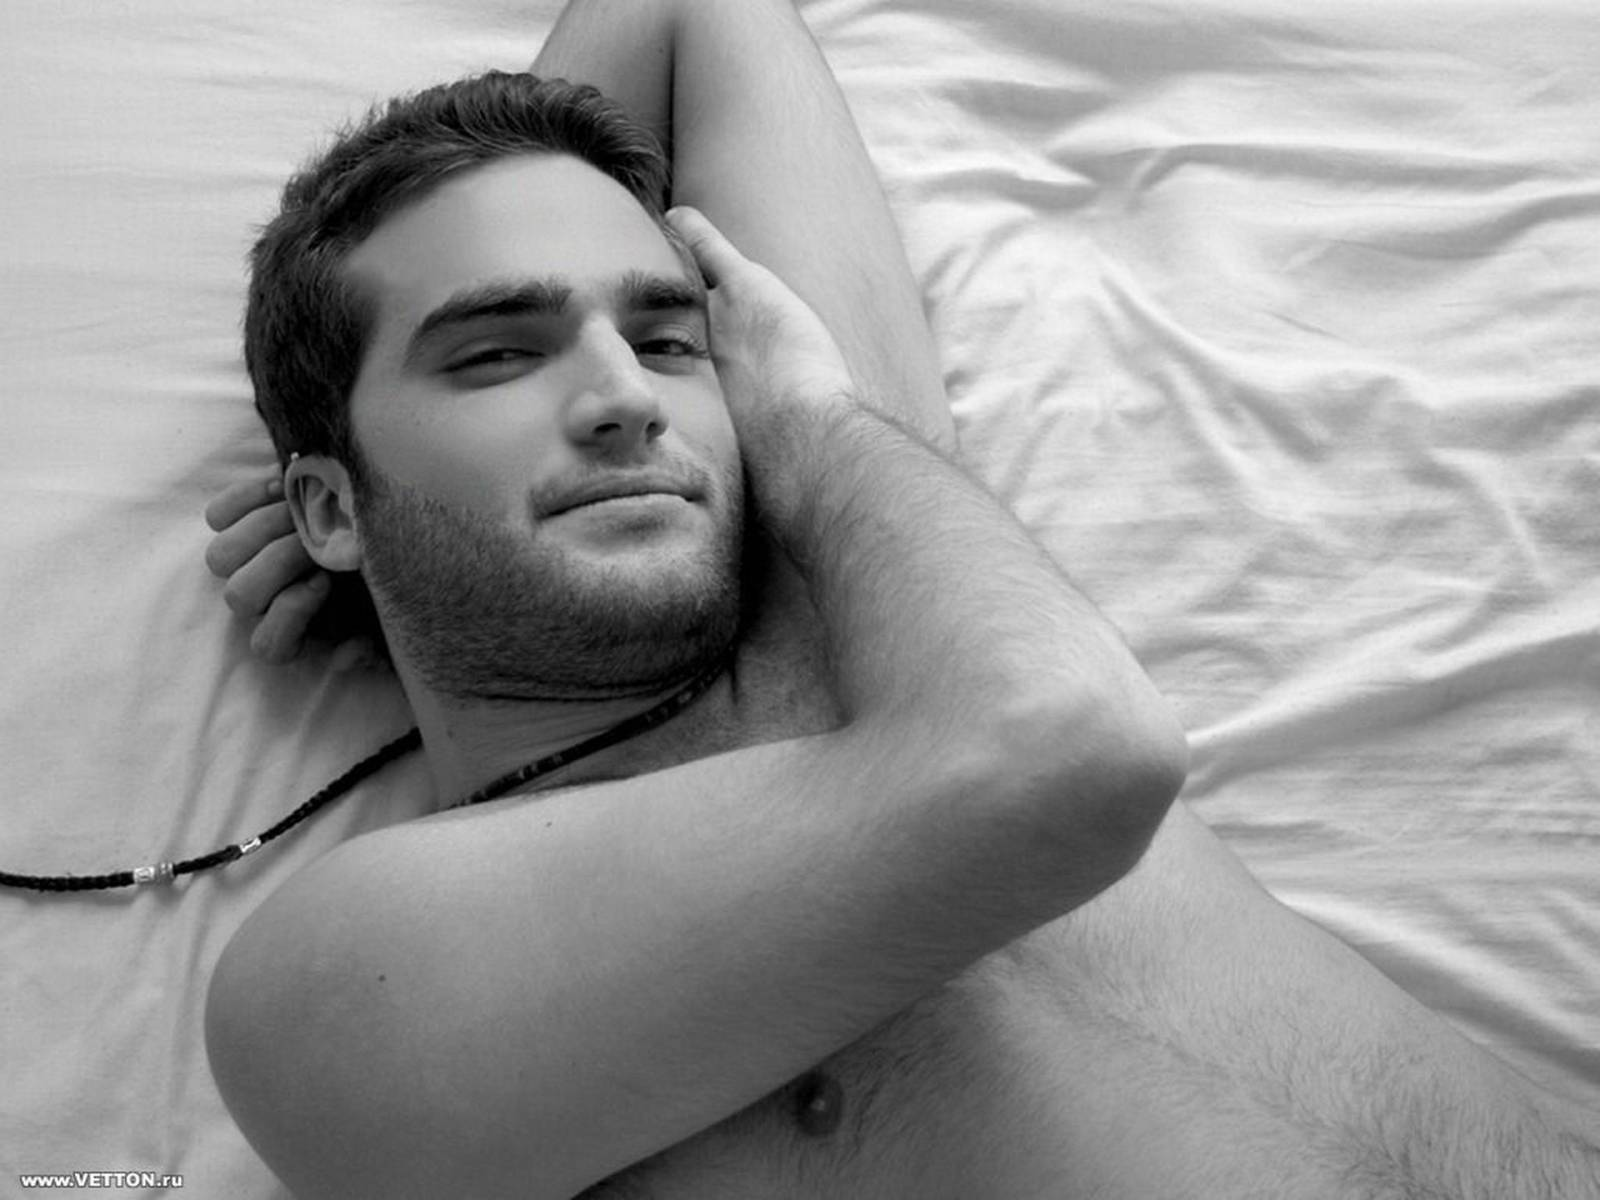 Про мужиков которые любят толстушек 15 фотография